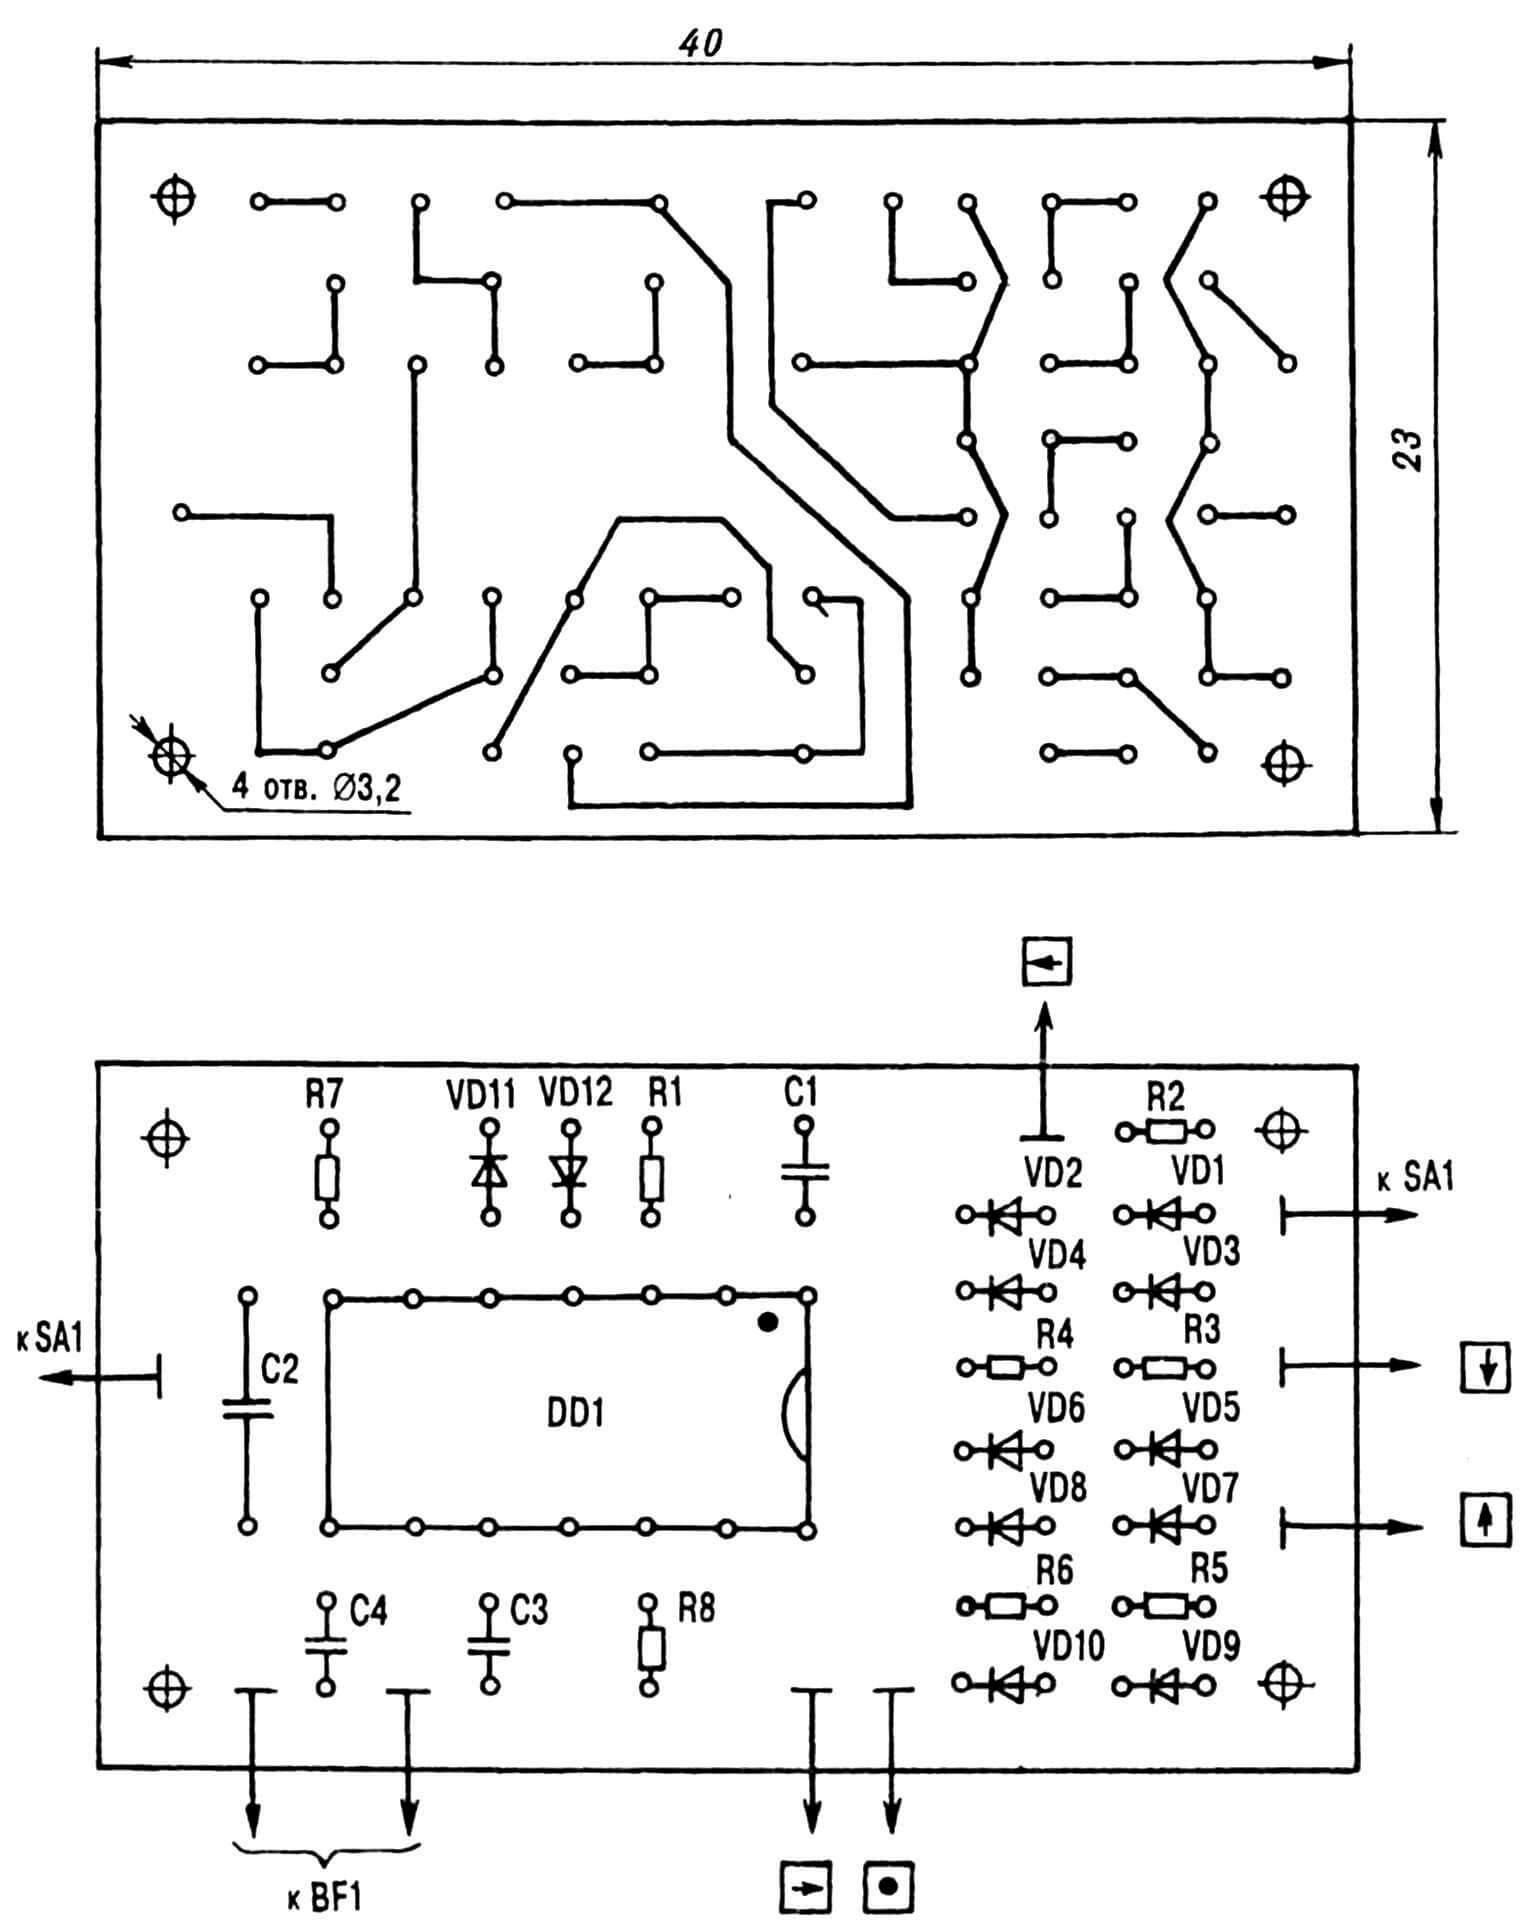 Рис.3. Печатная плата с указанием расположения на ней радиоэлементов.